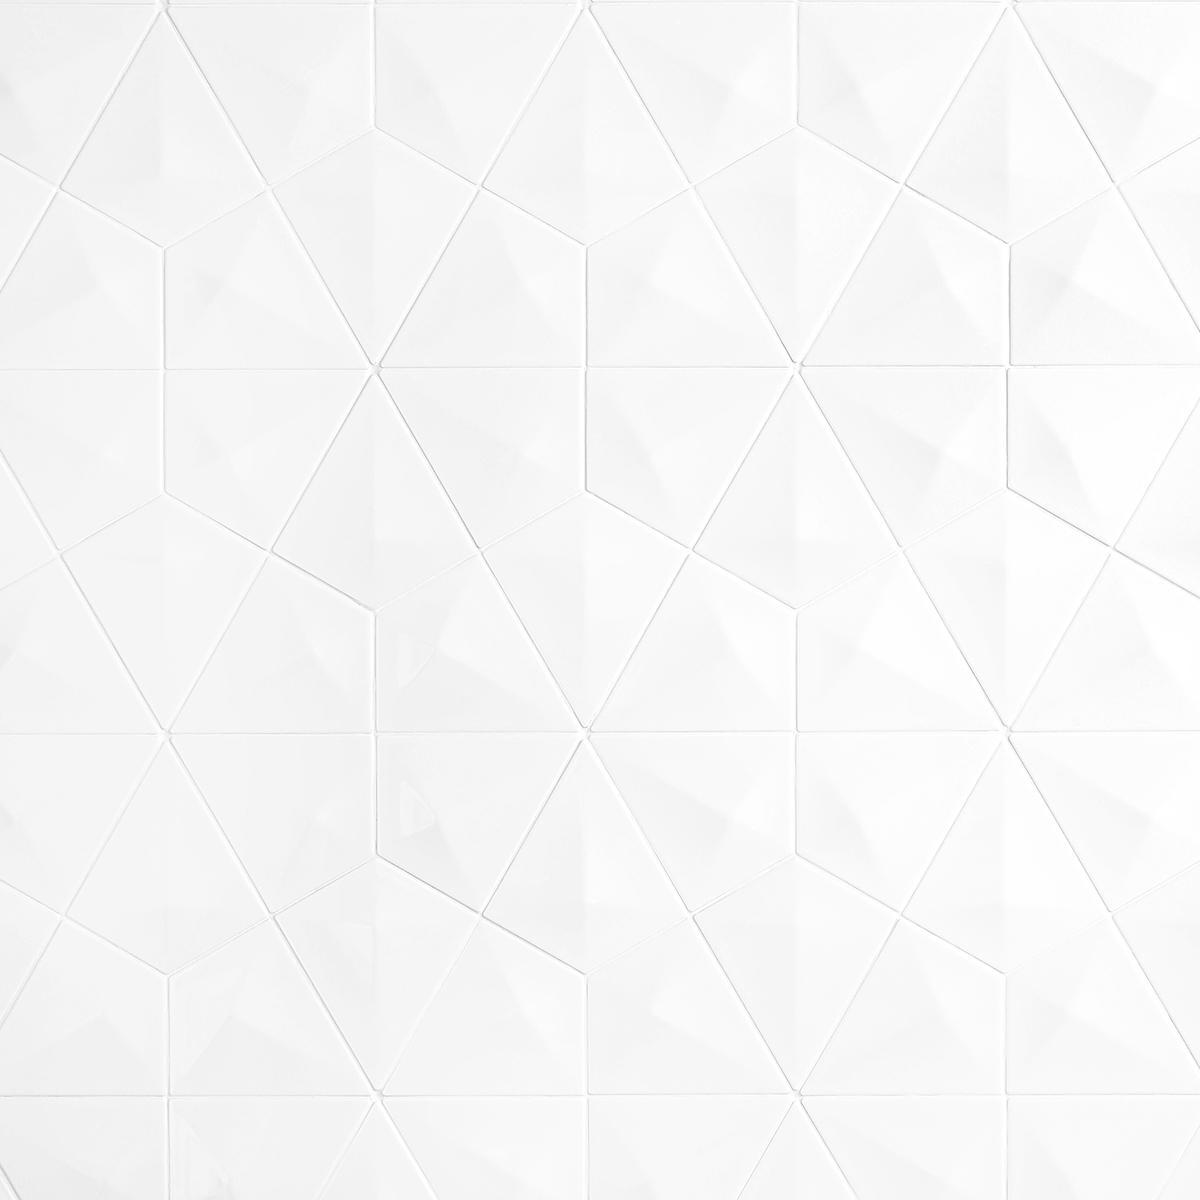 Inserto Diamond Blanco Brillante - 16.5X19 cm - 0.39 m2